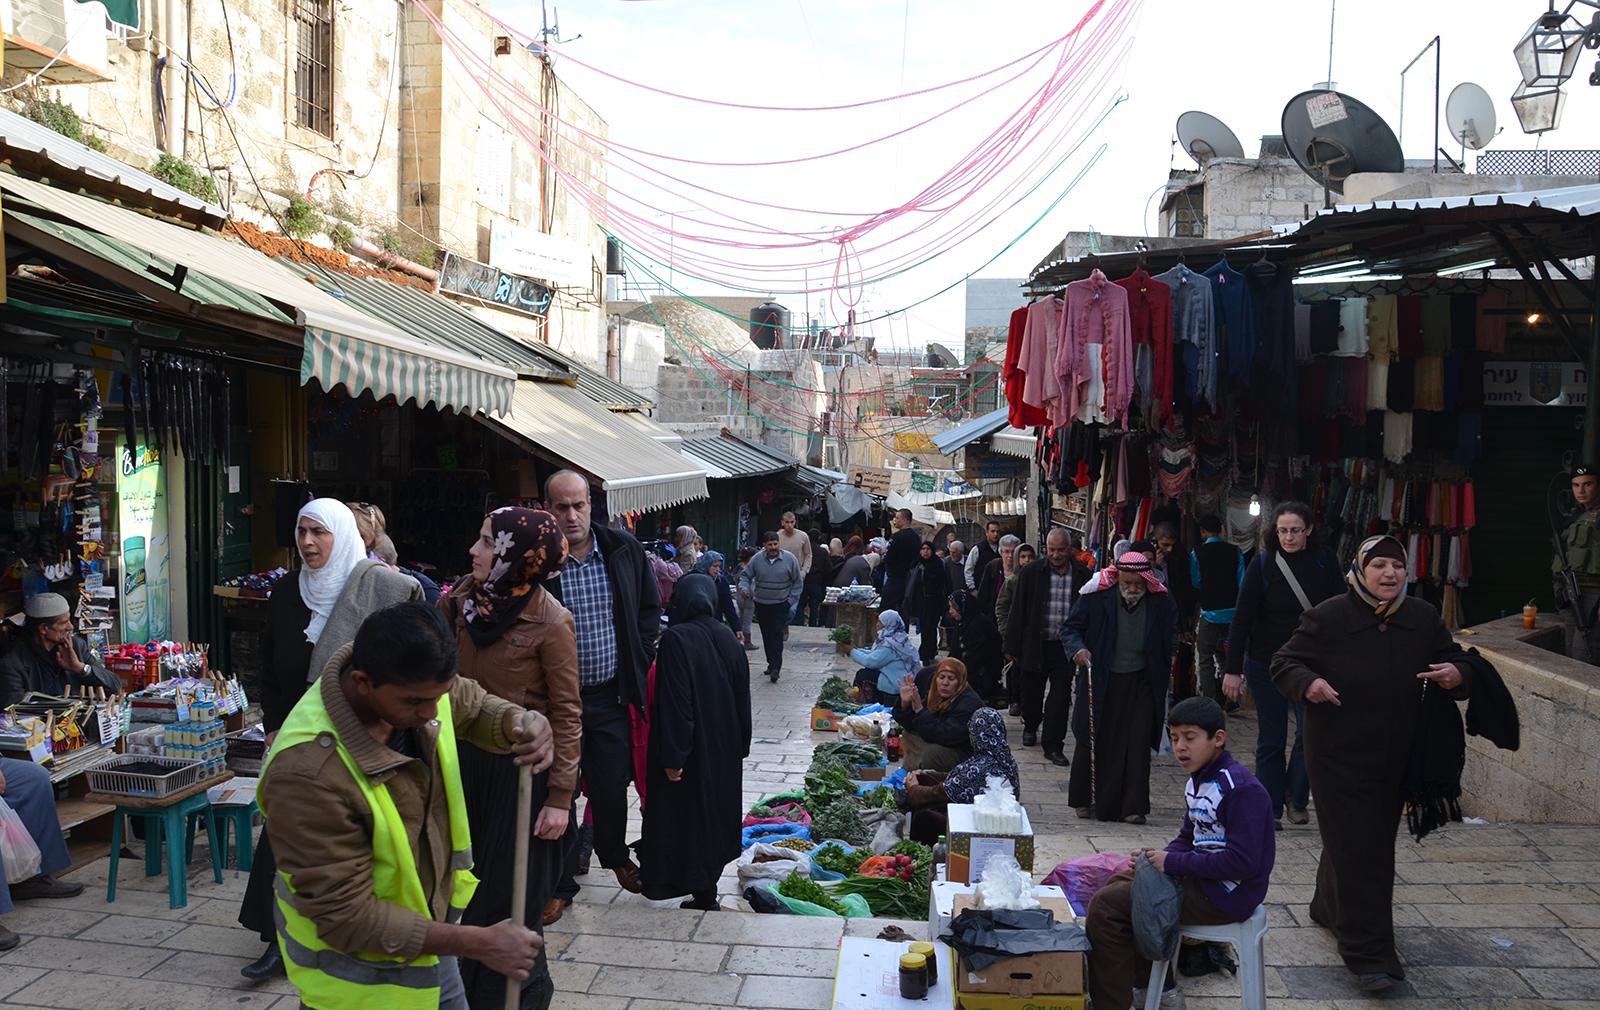 pouliční trh poblíž Damašské brány, Jeruzalém, Izrael